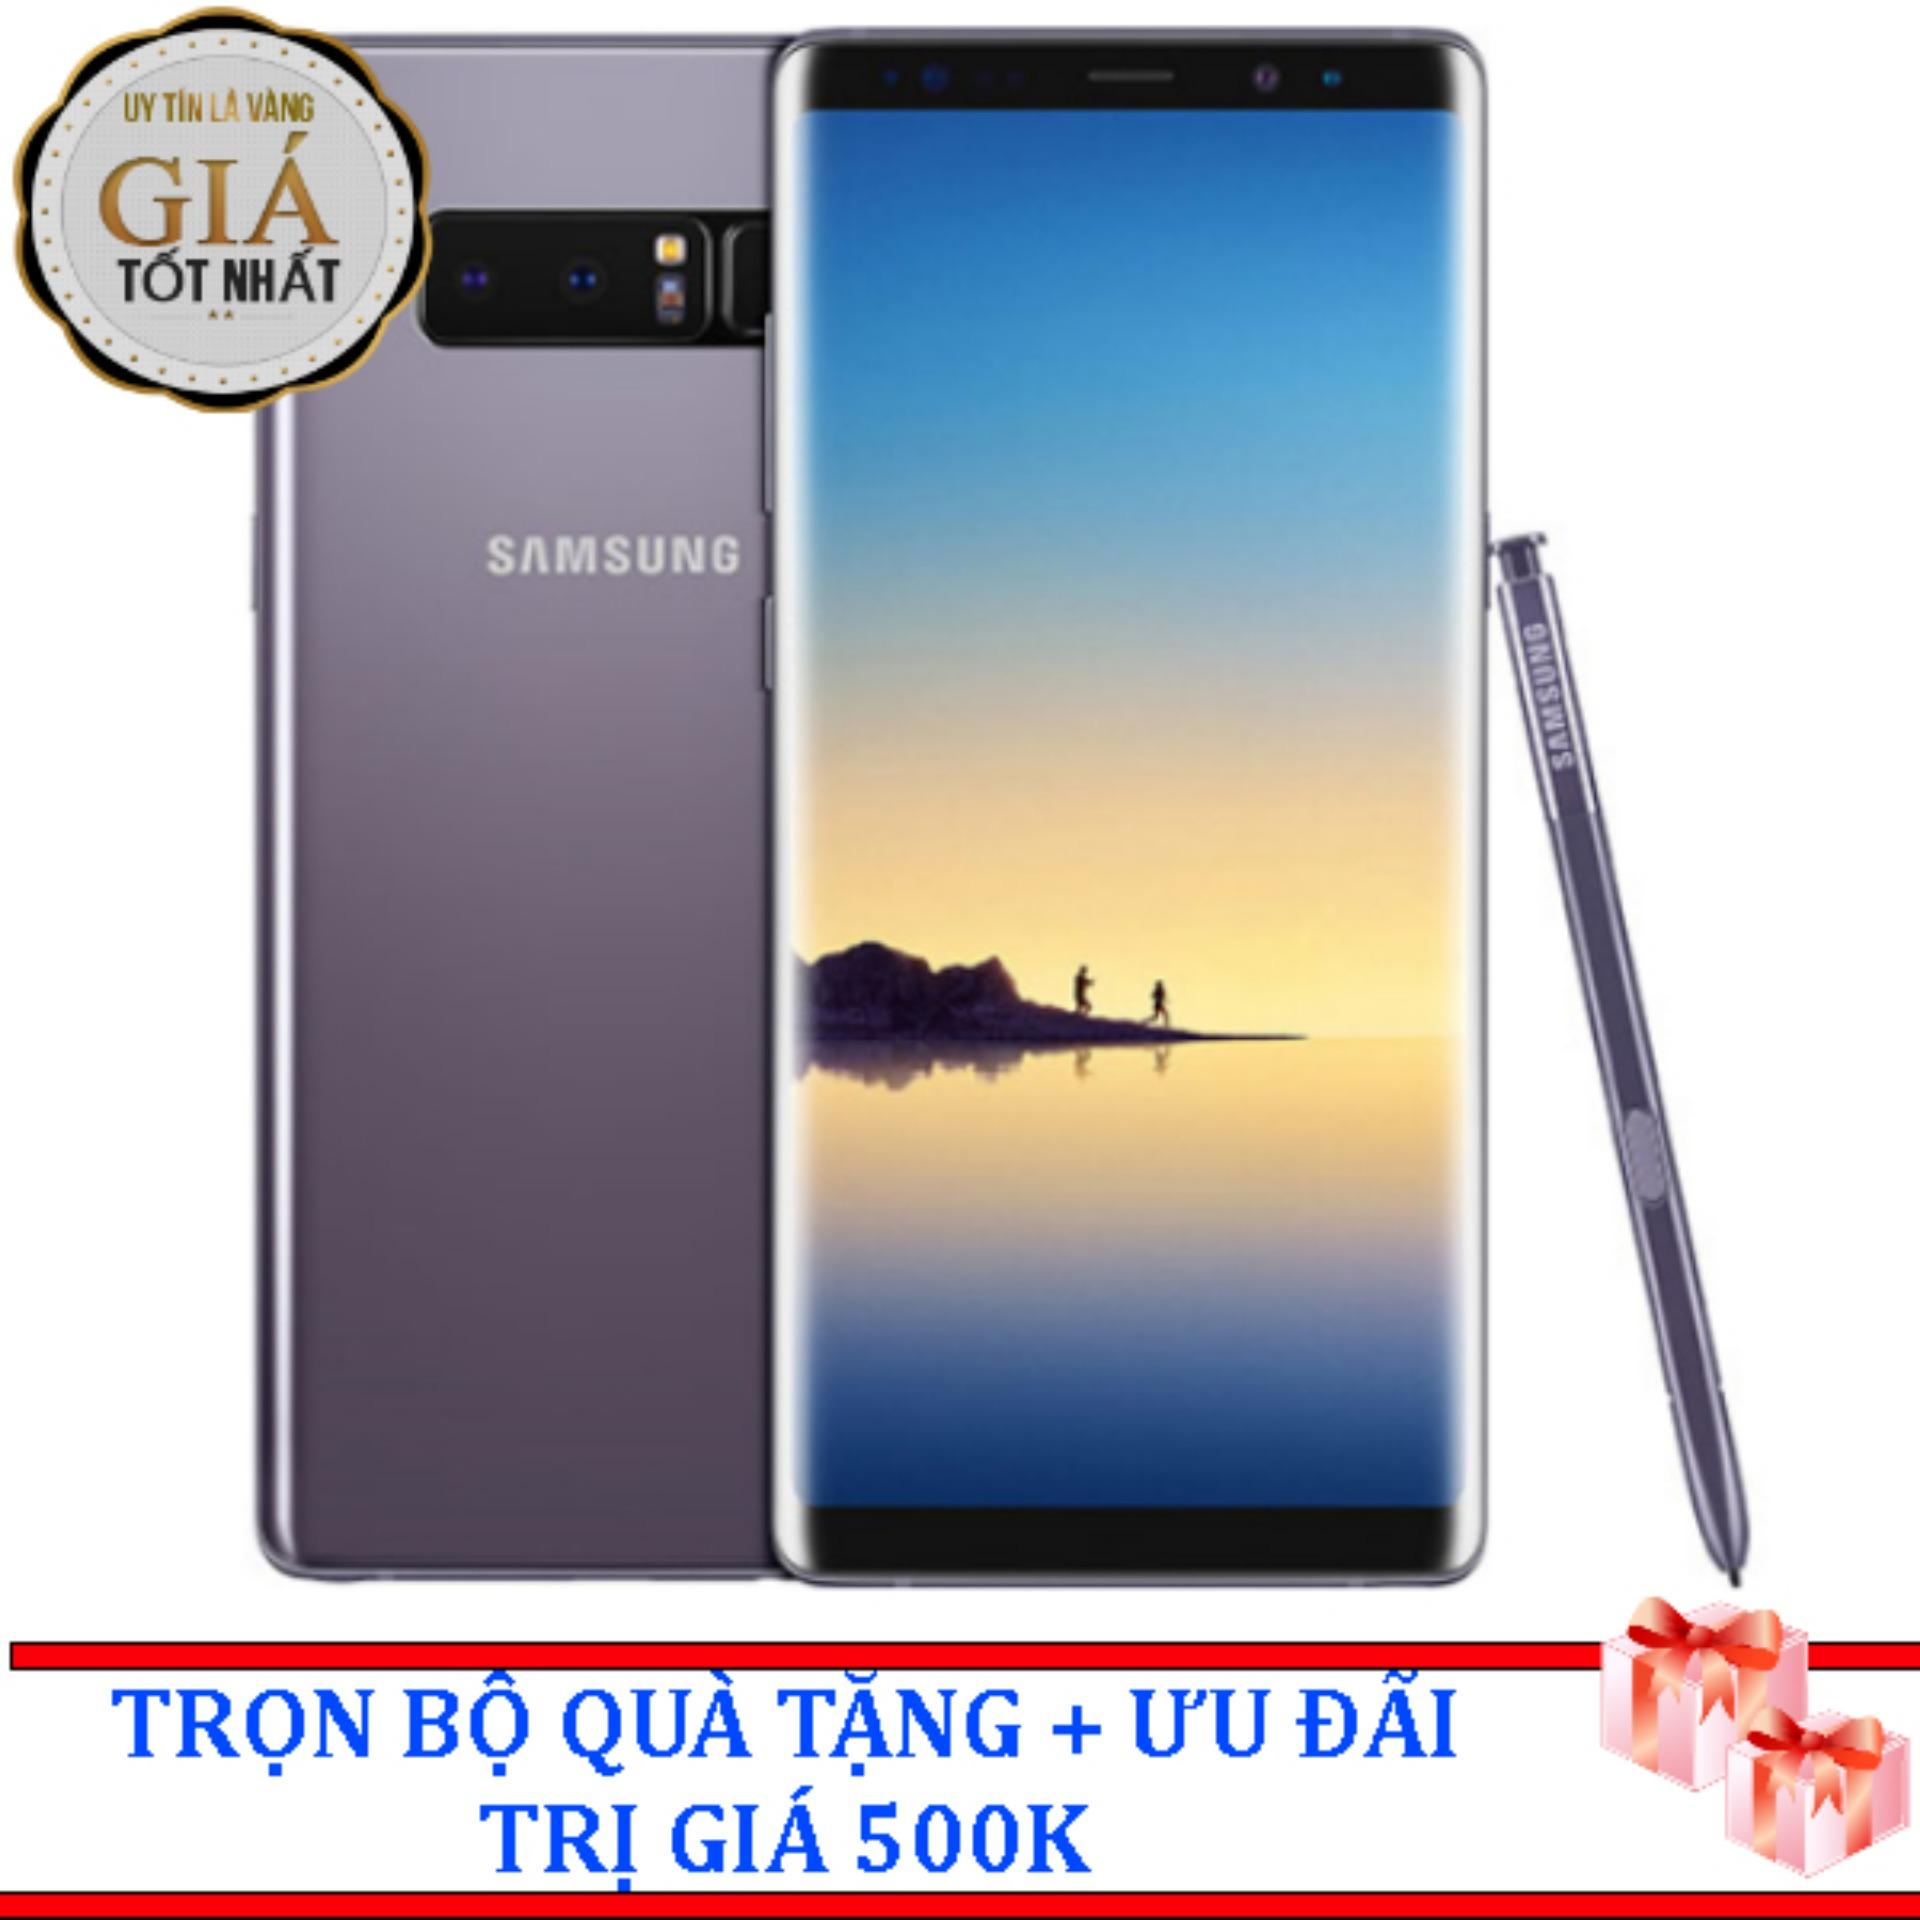 Mã Khuyến Mại Samsung Galaxy Note 8 64Gb Tim Khoi Hang Nhập Khẩu Tặng Thẻ Nhớ 16Gb Samsung